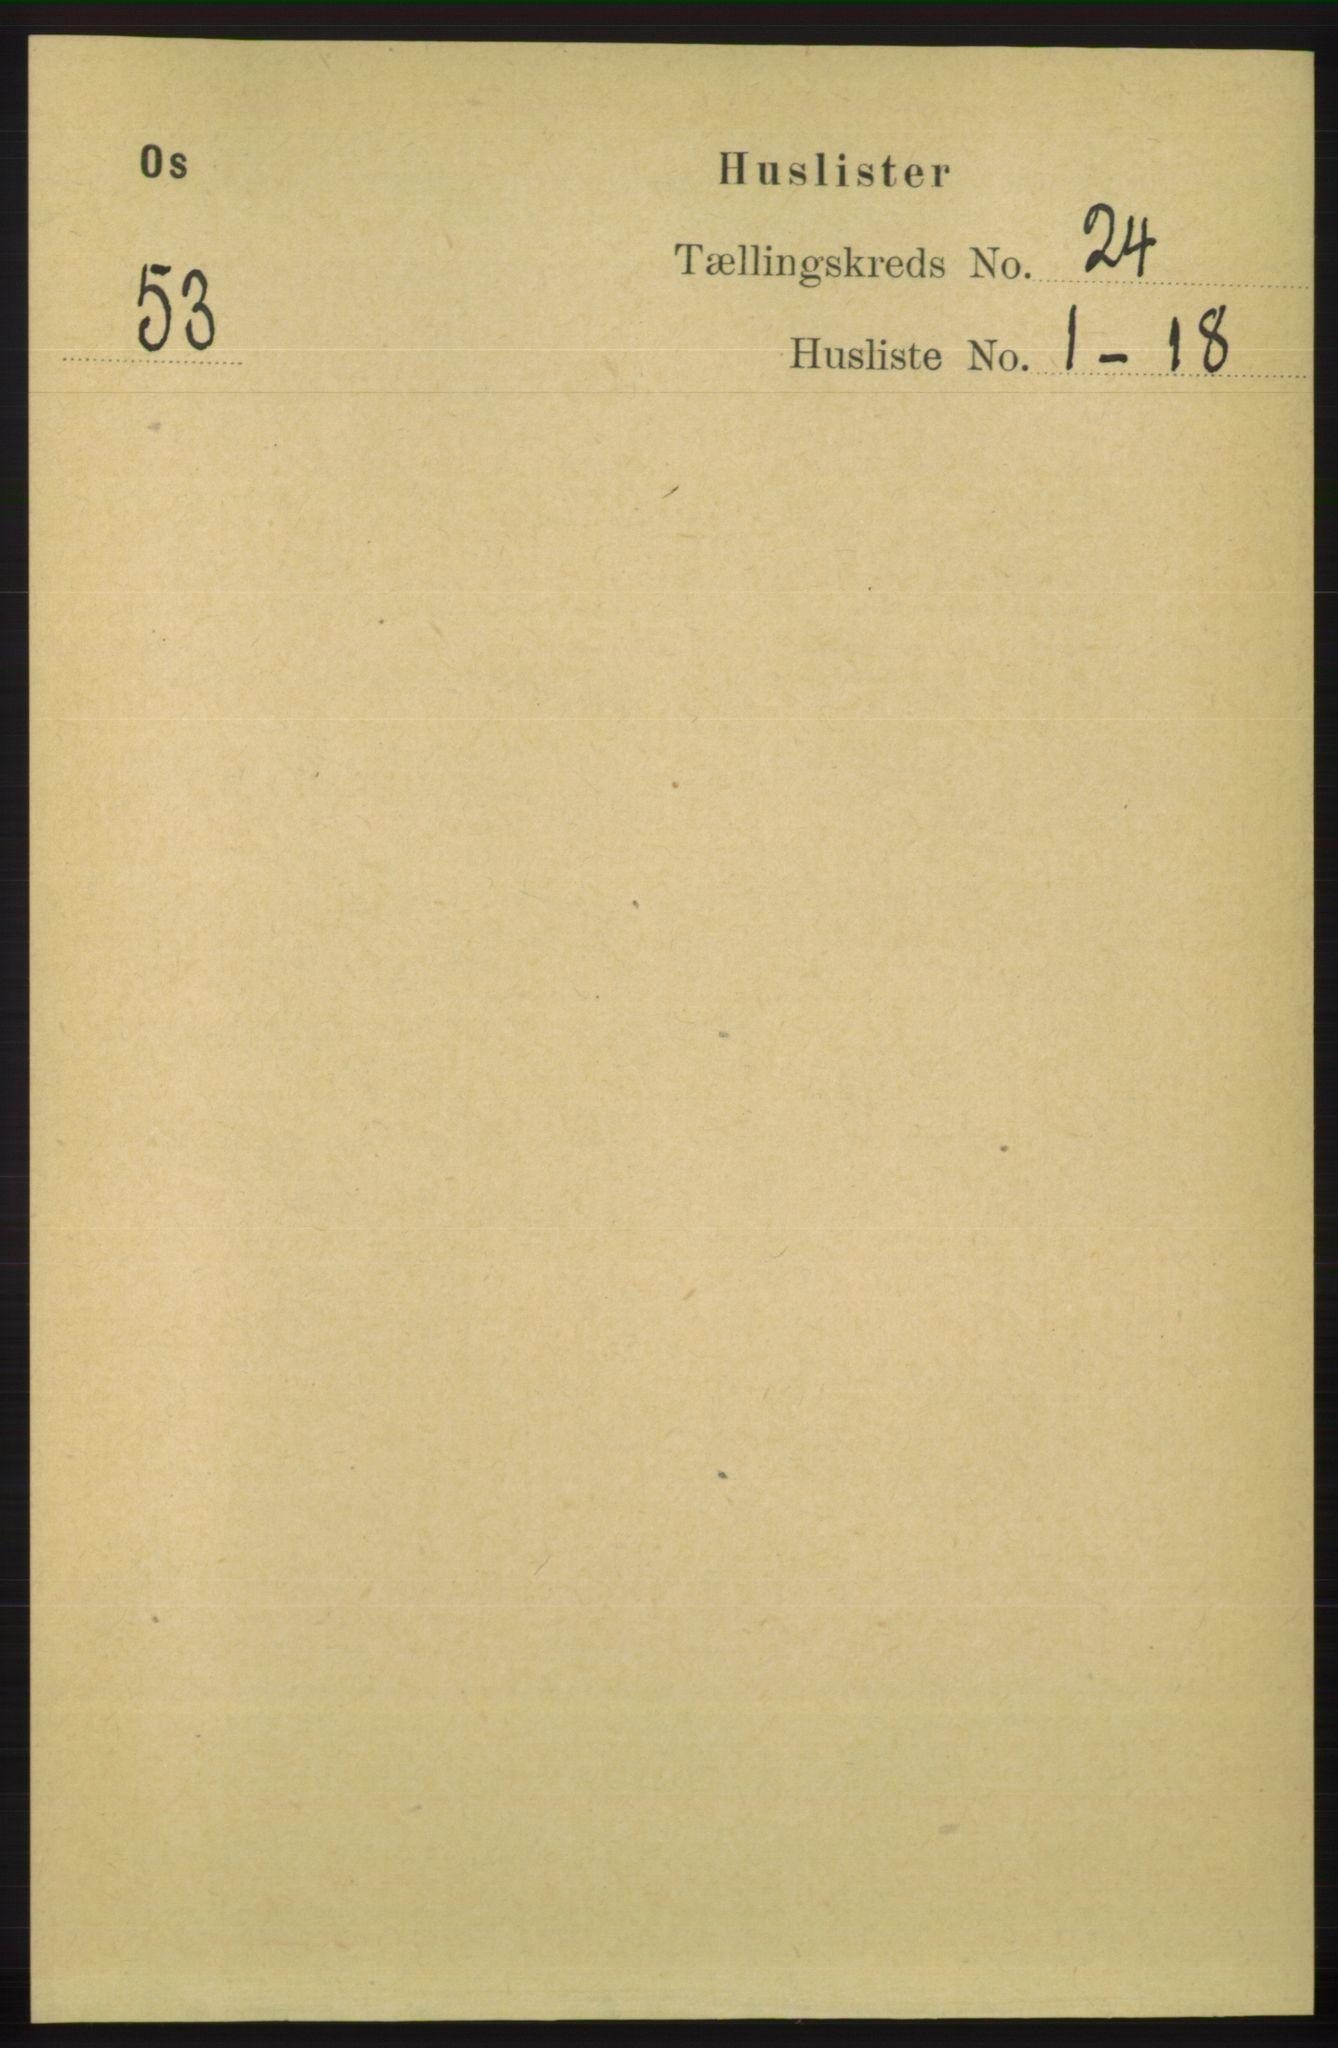 RA, Folketelling 1891 for 1243 Os herred, 1891, s. 5187